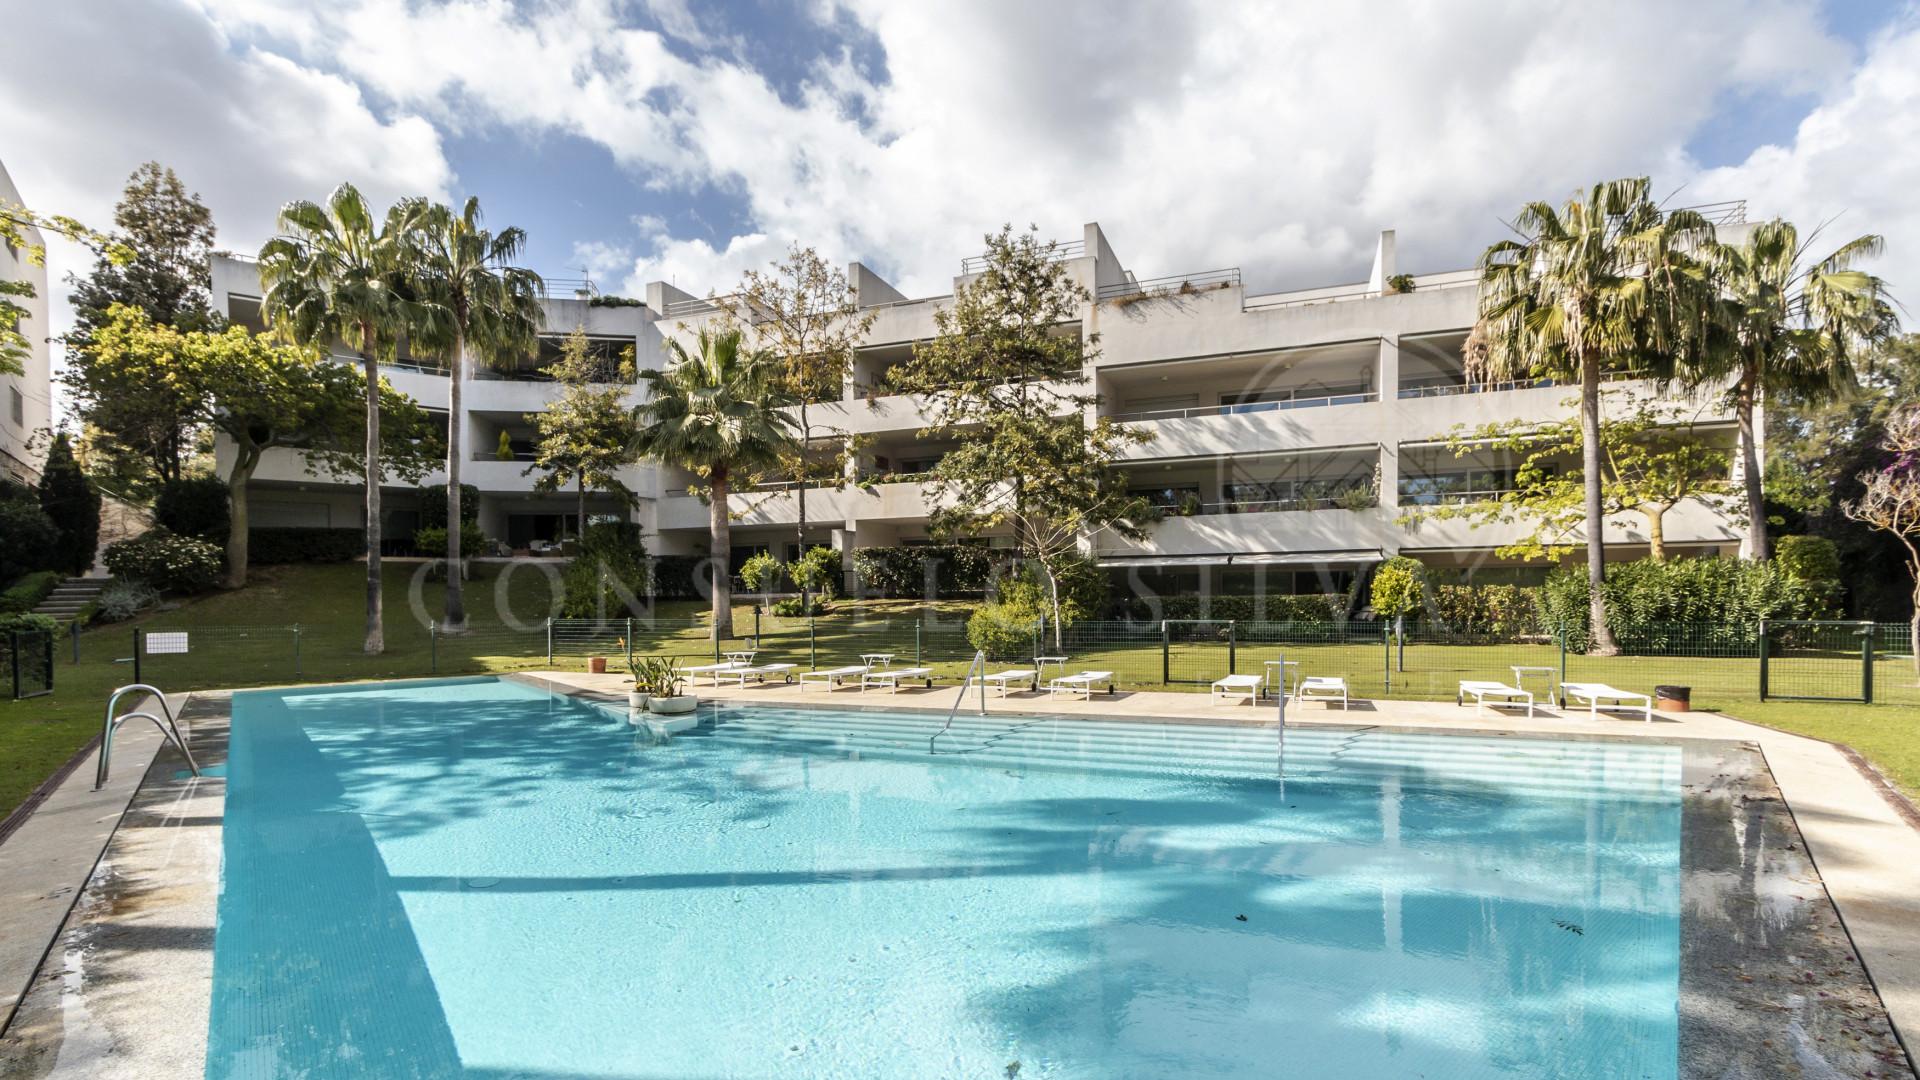 Apartment in Polo Gardens, Sotogrande